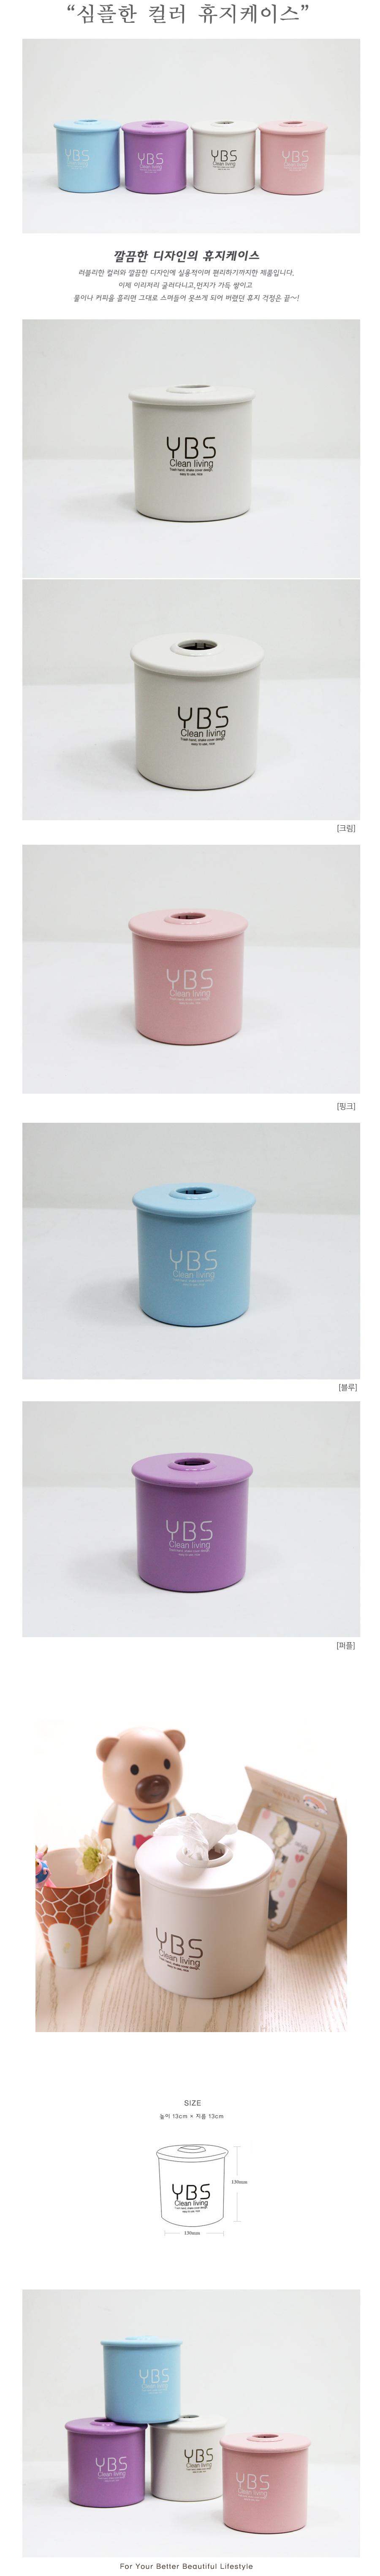 심플원형 두루마리 휴지케이스 - 리버그린, 5,500원, 장식소품, 휴지/티슈케이스